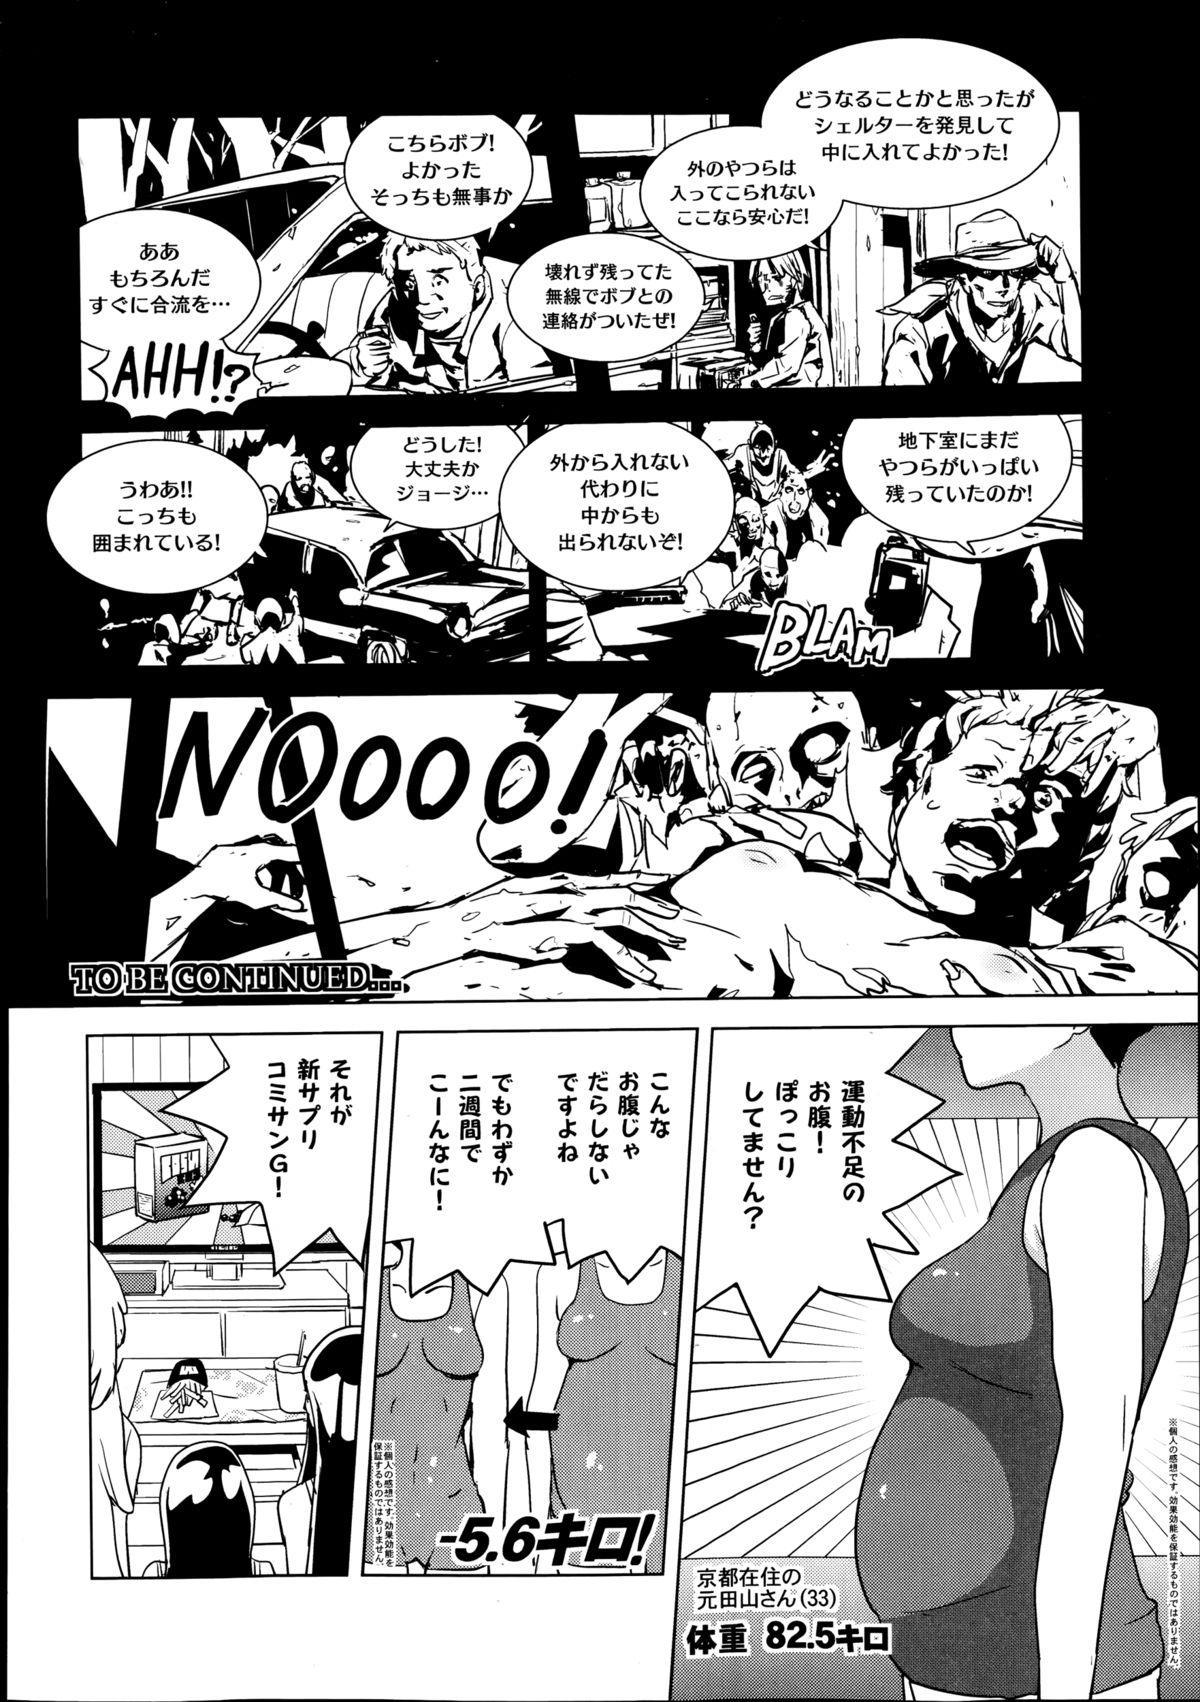 COMIC X-EROS #22 2014-10 464